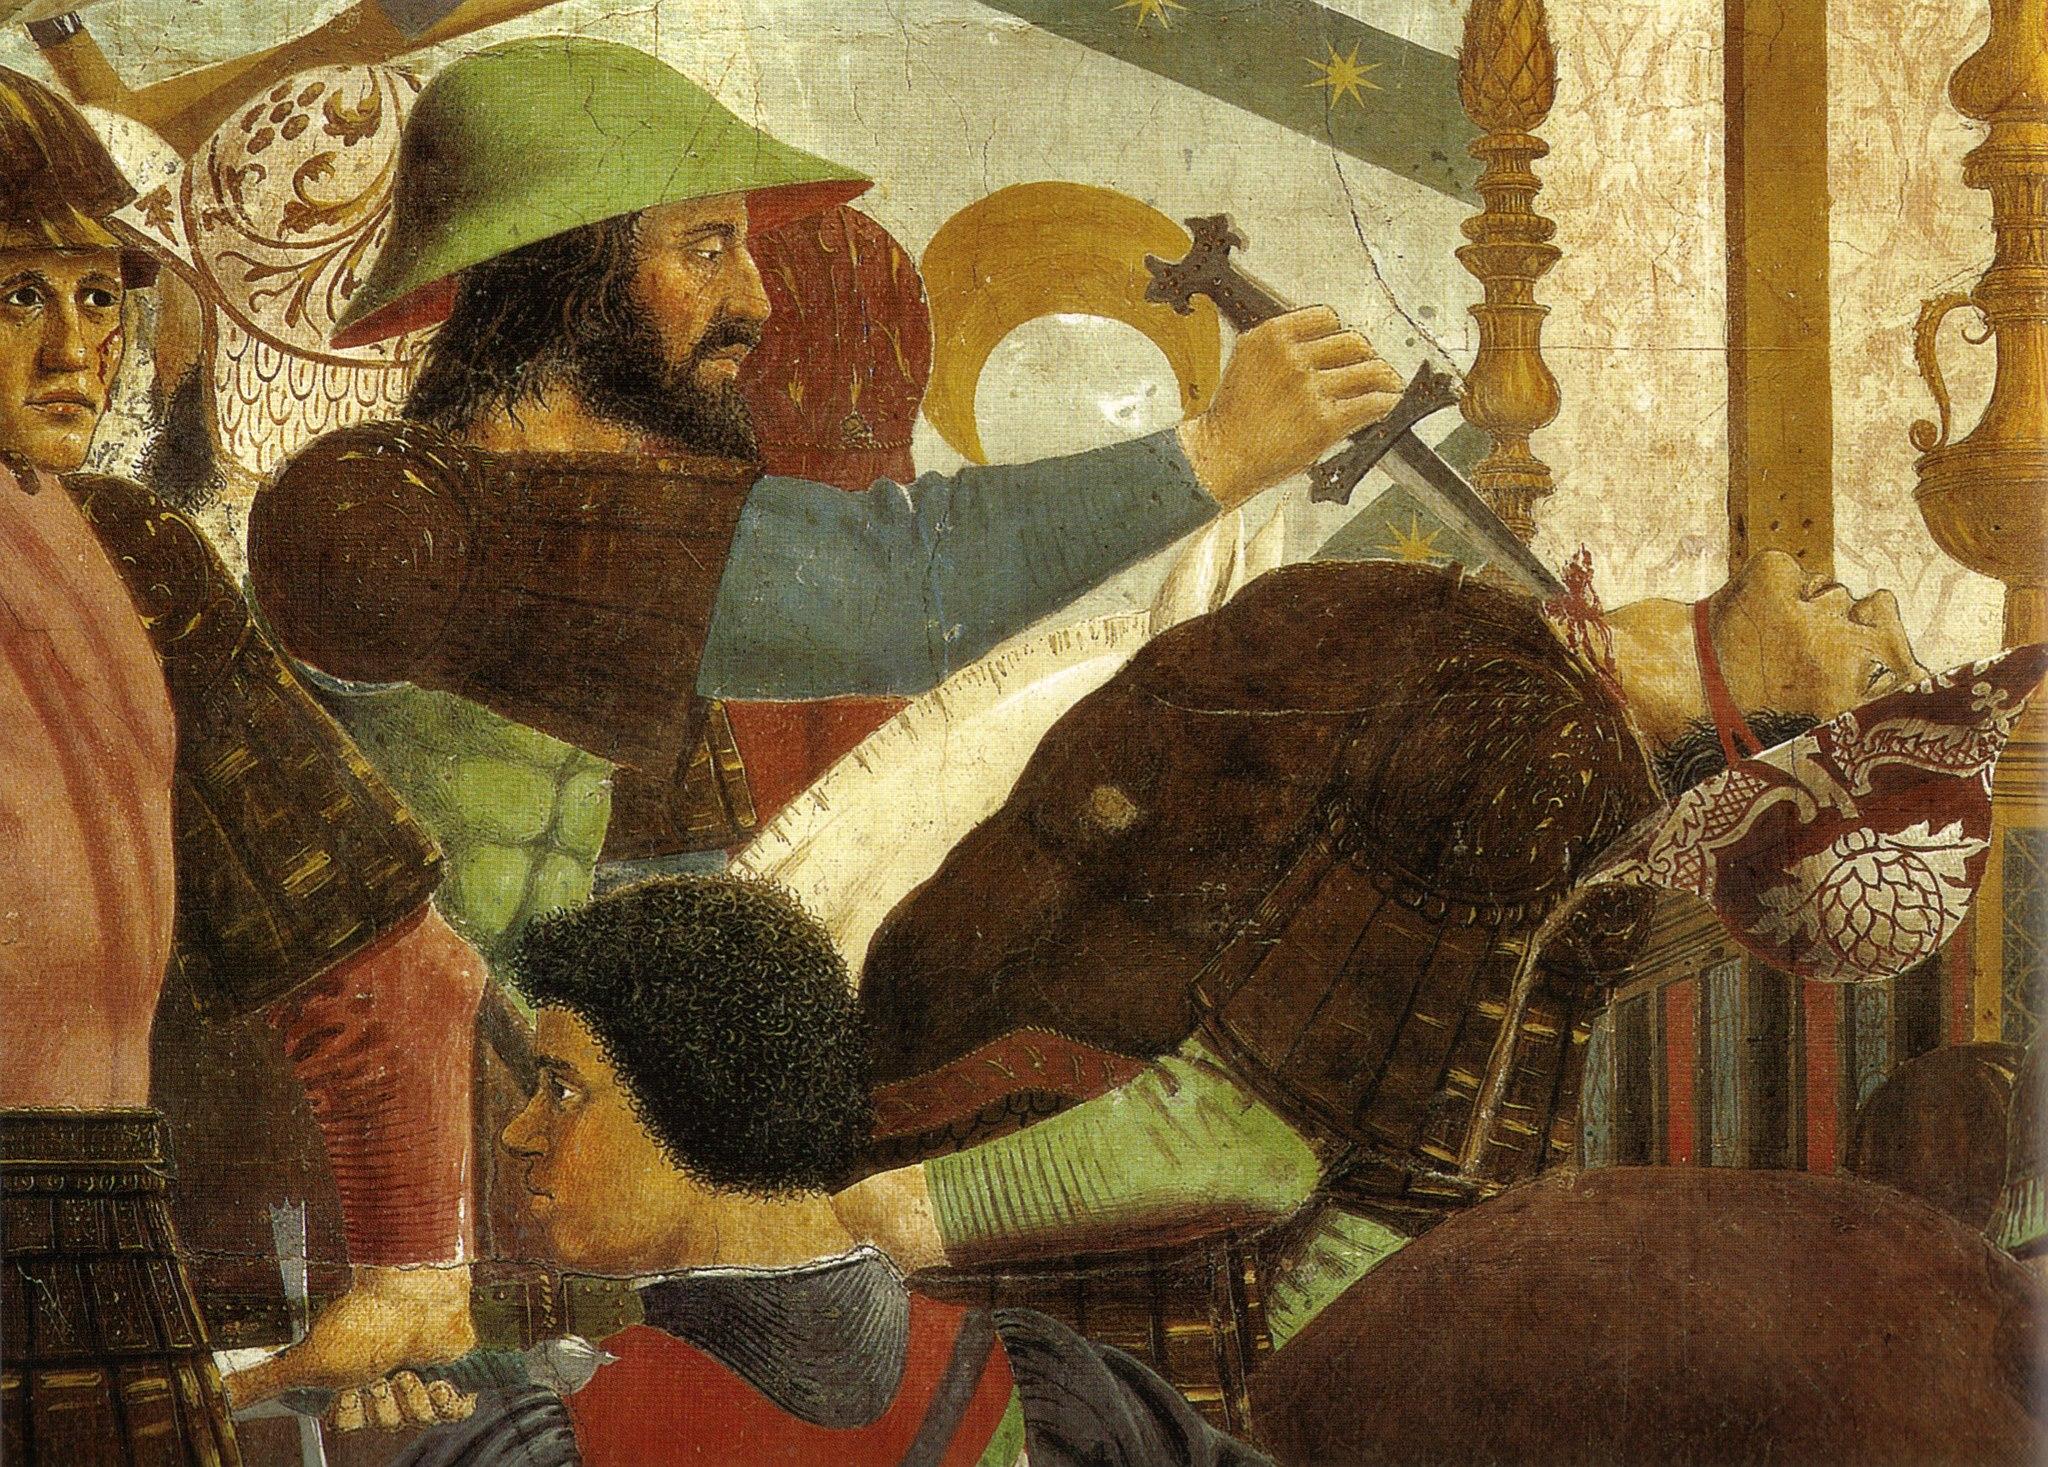 Piero, battaglia di eraclioe cosroe, dettaglio 2